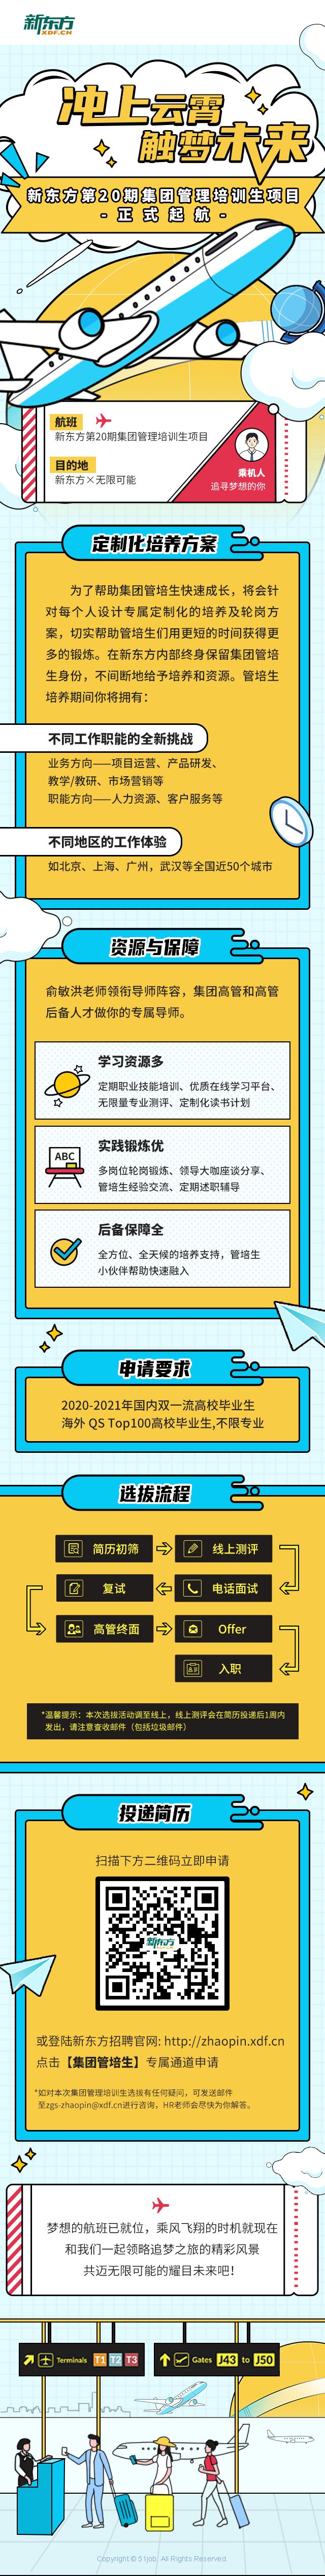 【就业资讯】新东方【第20期集团管理培训生】招聘火热进行中!